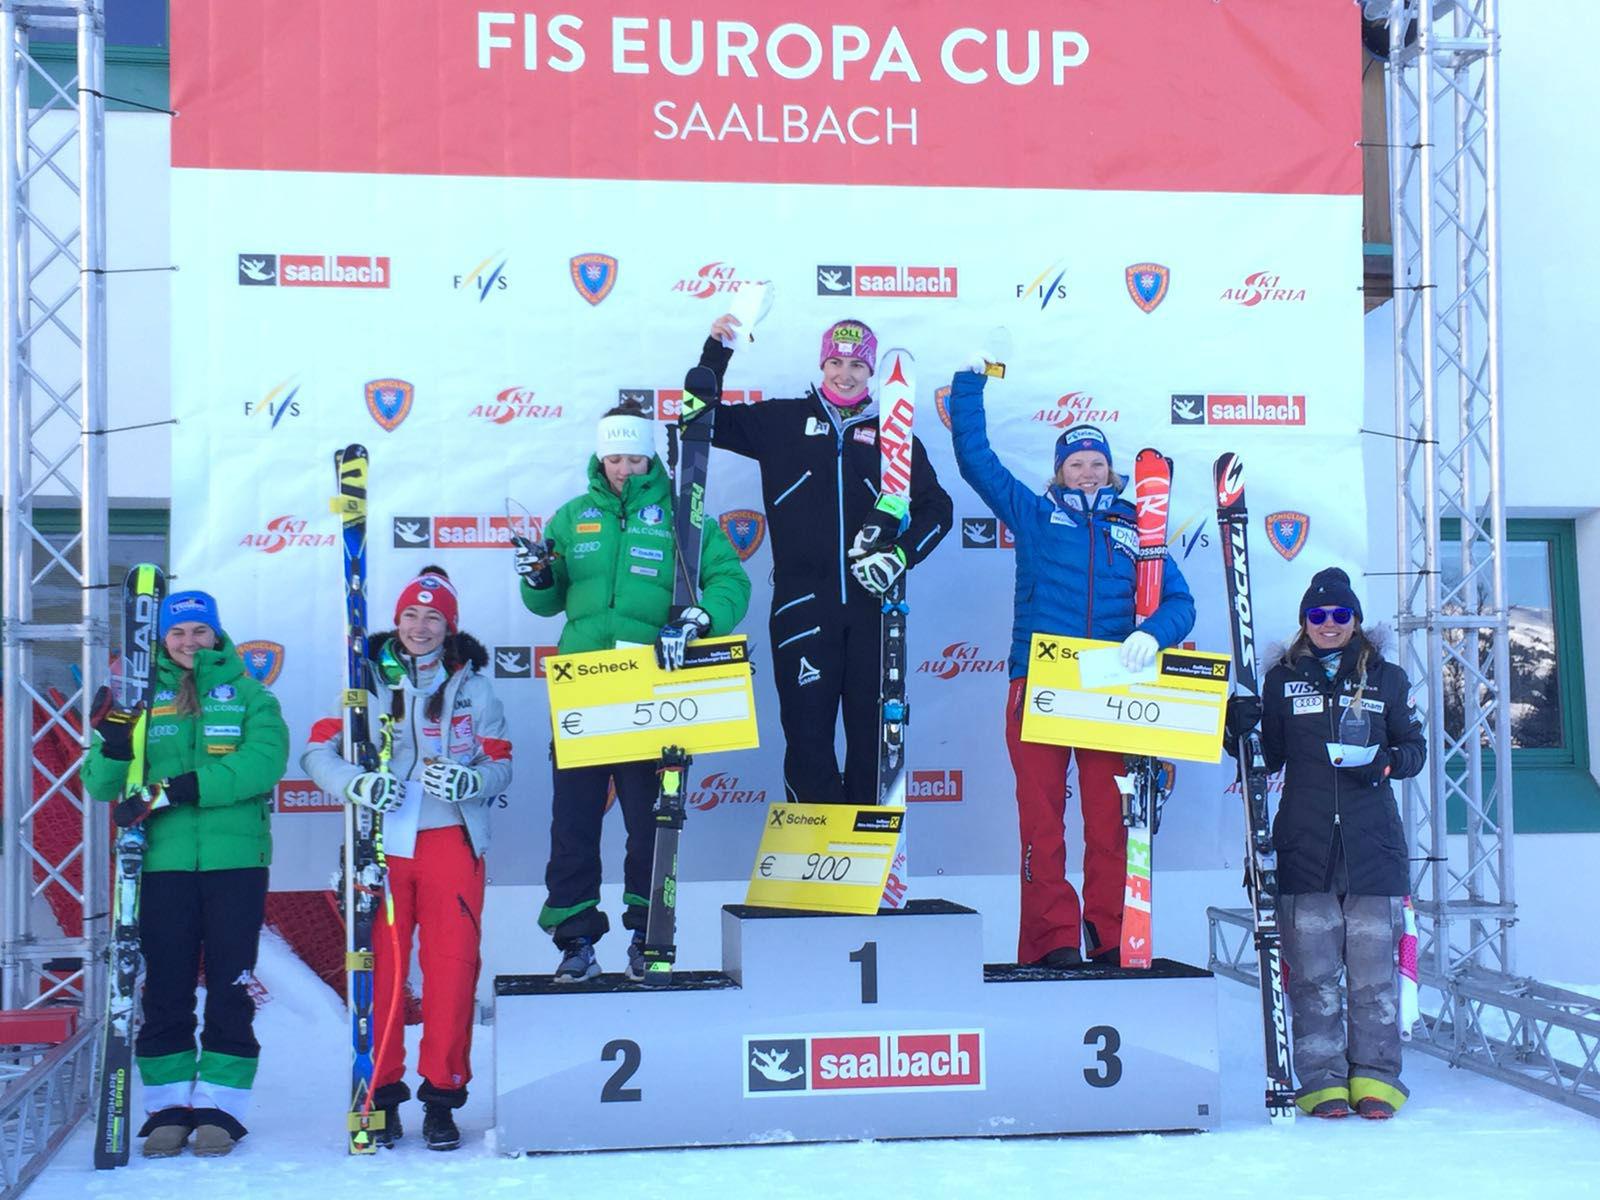 Federica Sosio, in giacca verde, seconda nella discesa sprint di Saalbach. All'estrema sinistra si riconosce anche Laura Pirovano